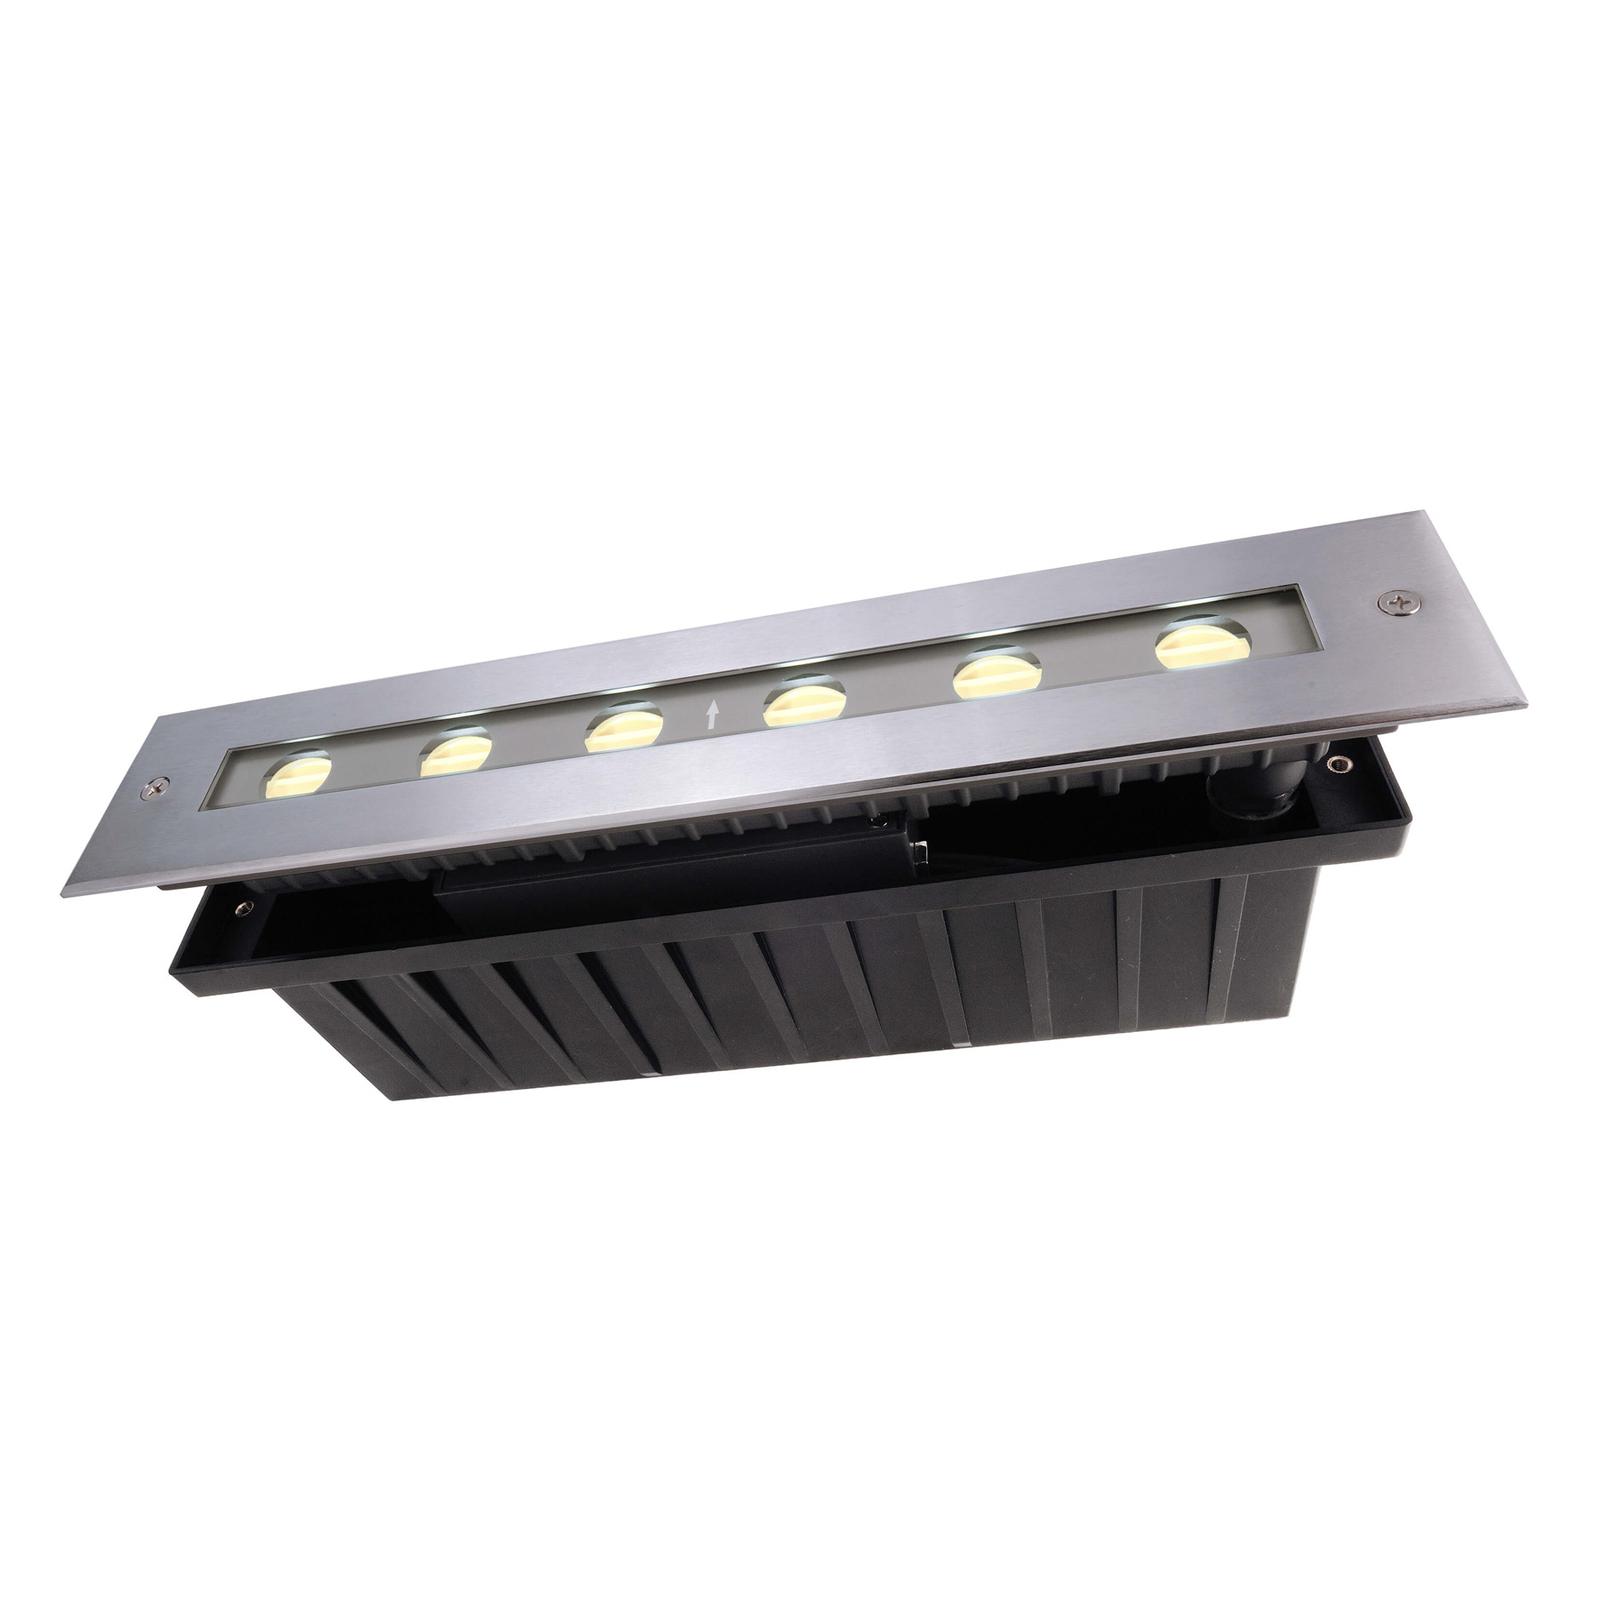 LED-lattiaspotti Jeremia 32,8 cm, lämmin valkoinen